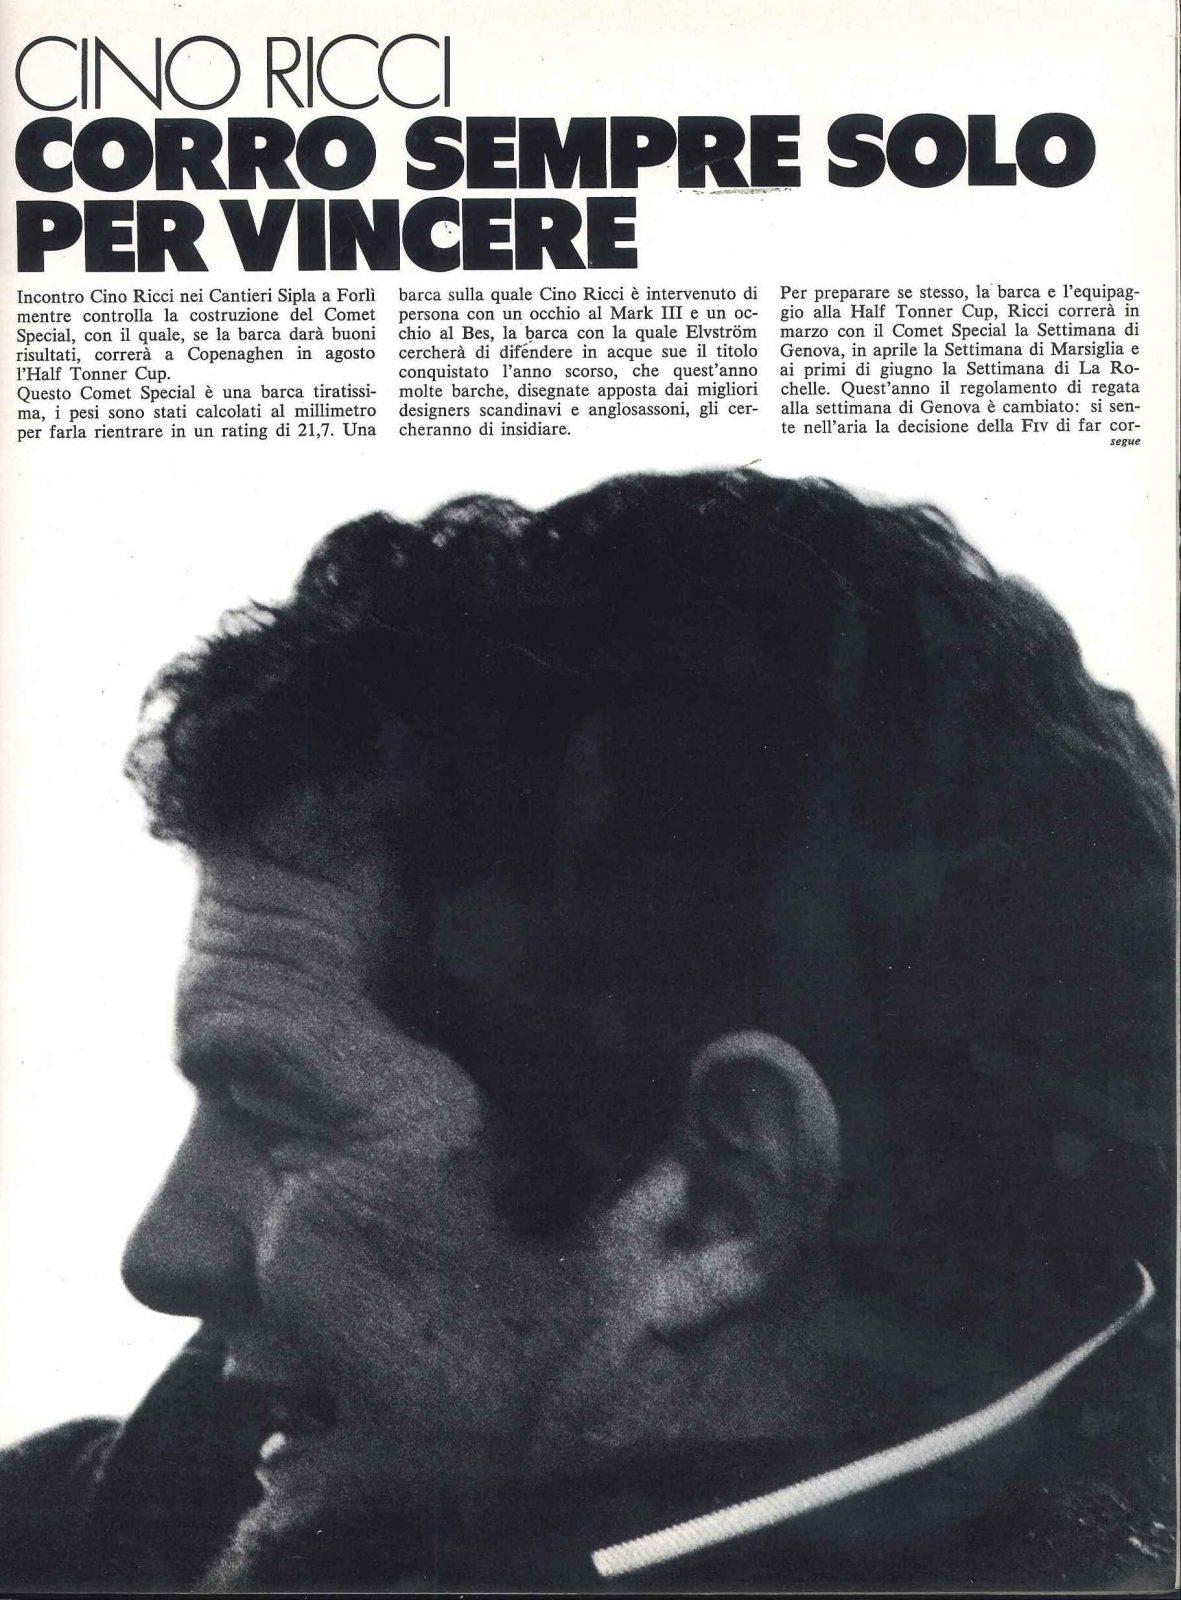 Velisti italiani - Cino Ricci il regatante